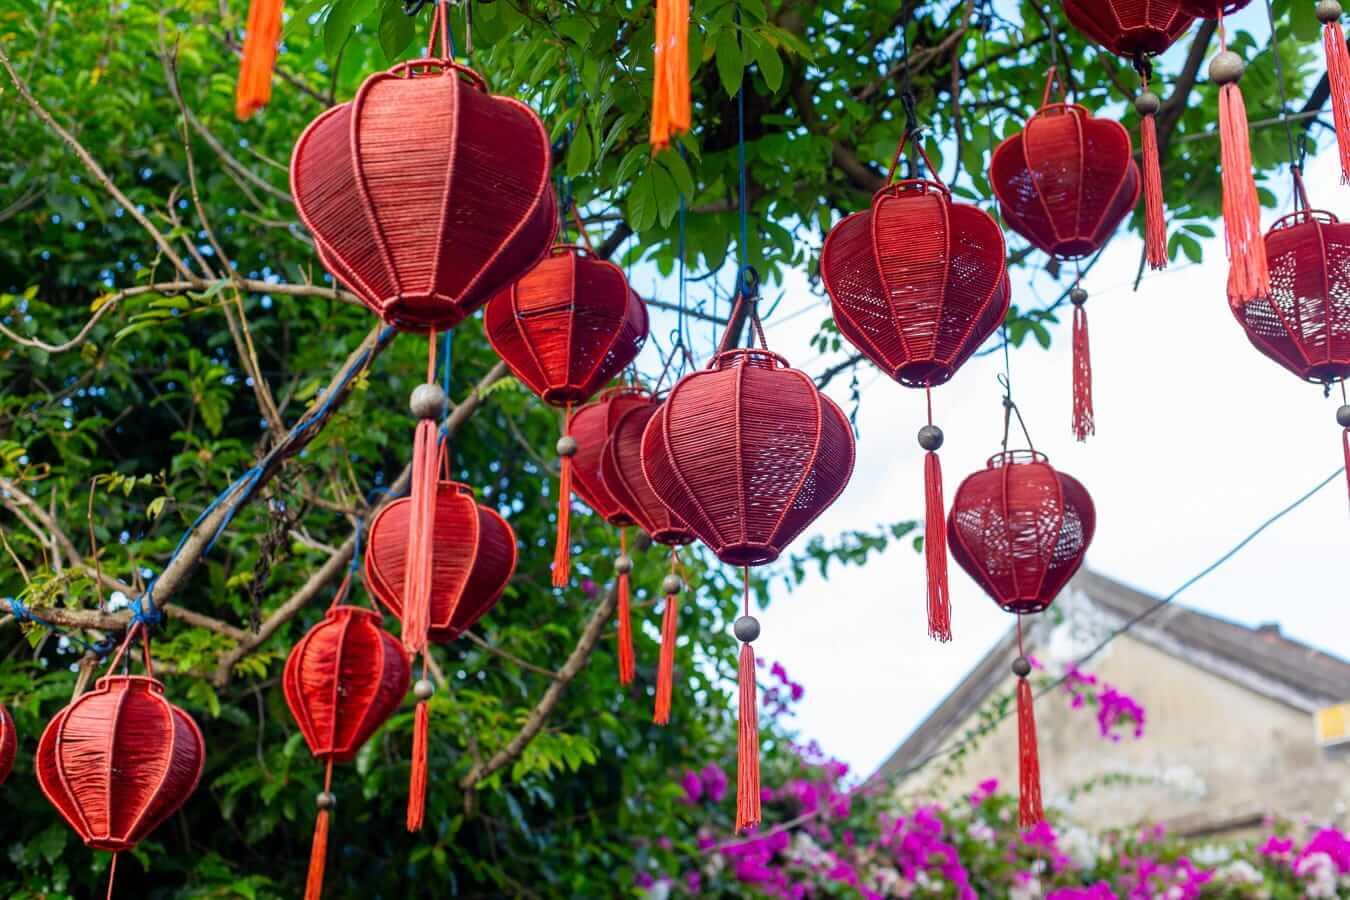 Traditional lanterns: lantern shopping